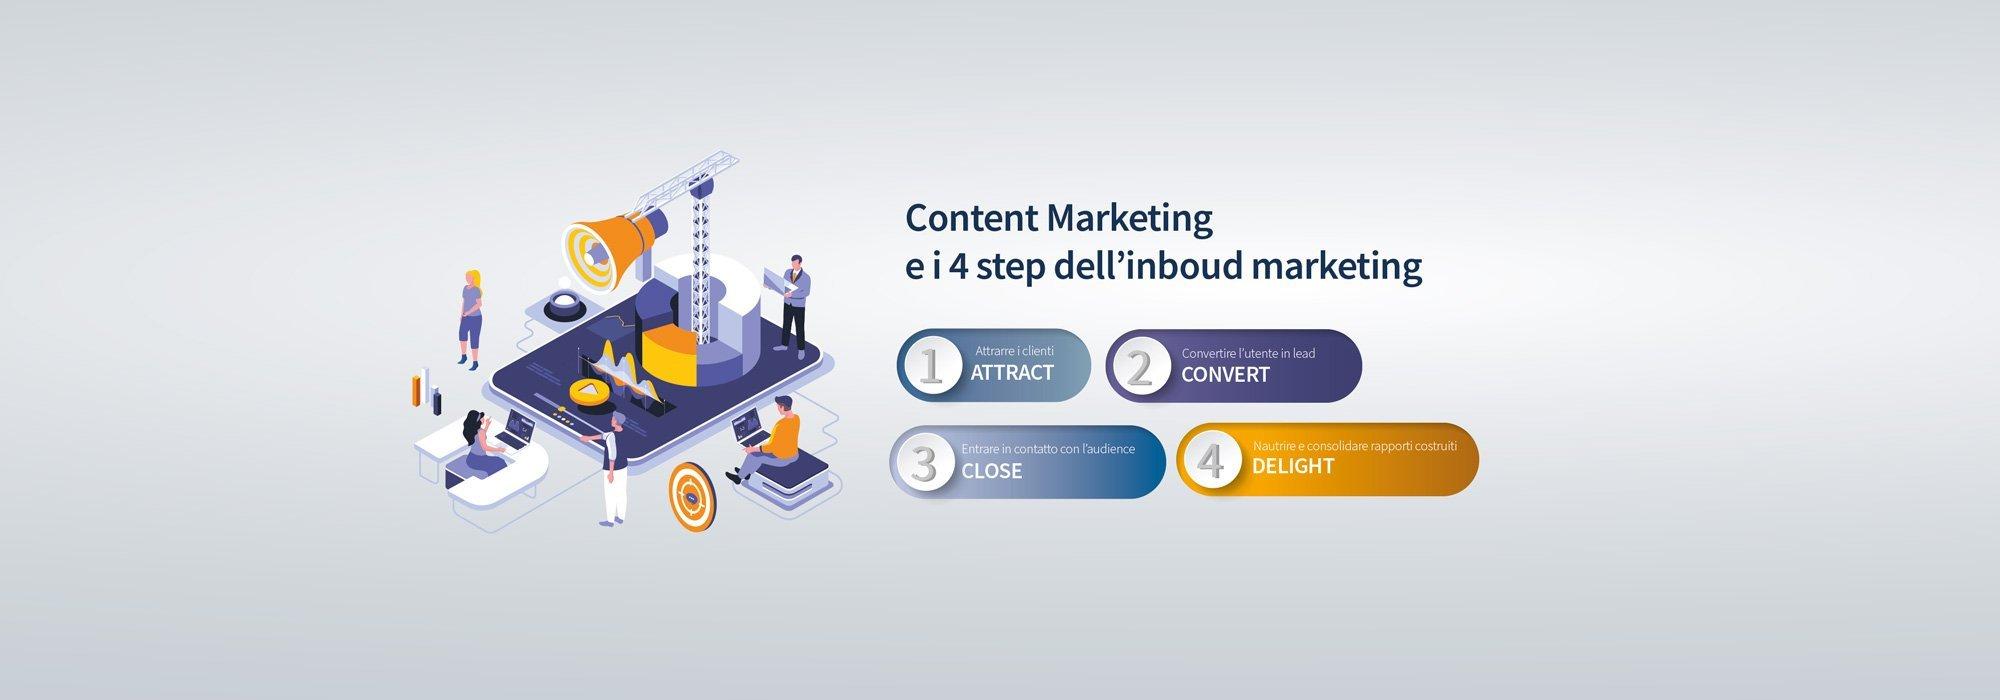 Il content marketing: definizione e strategie per le aziende